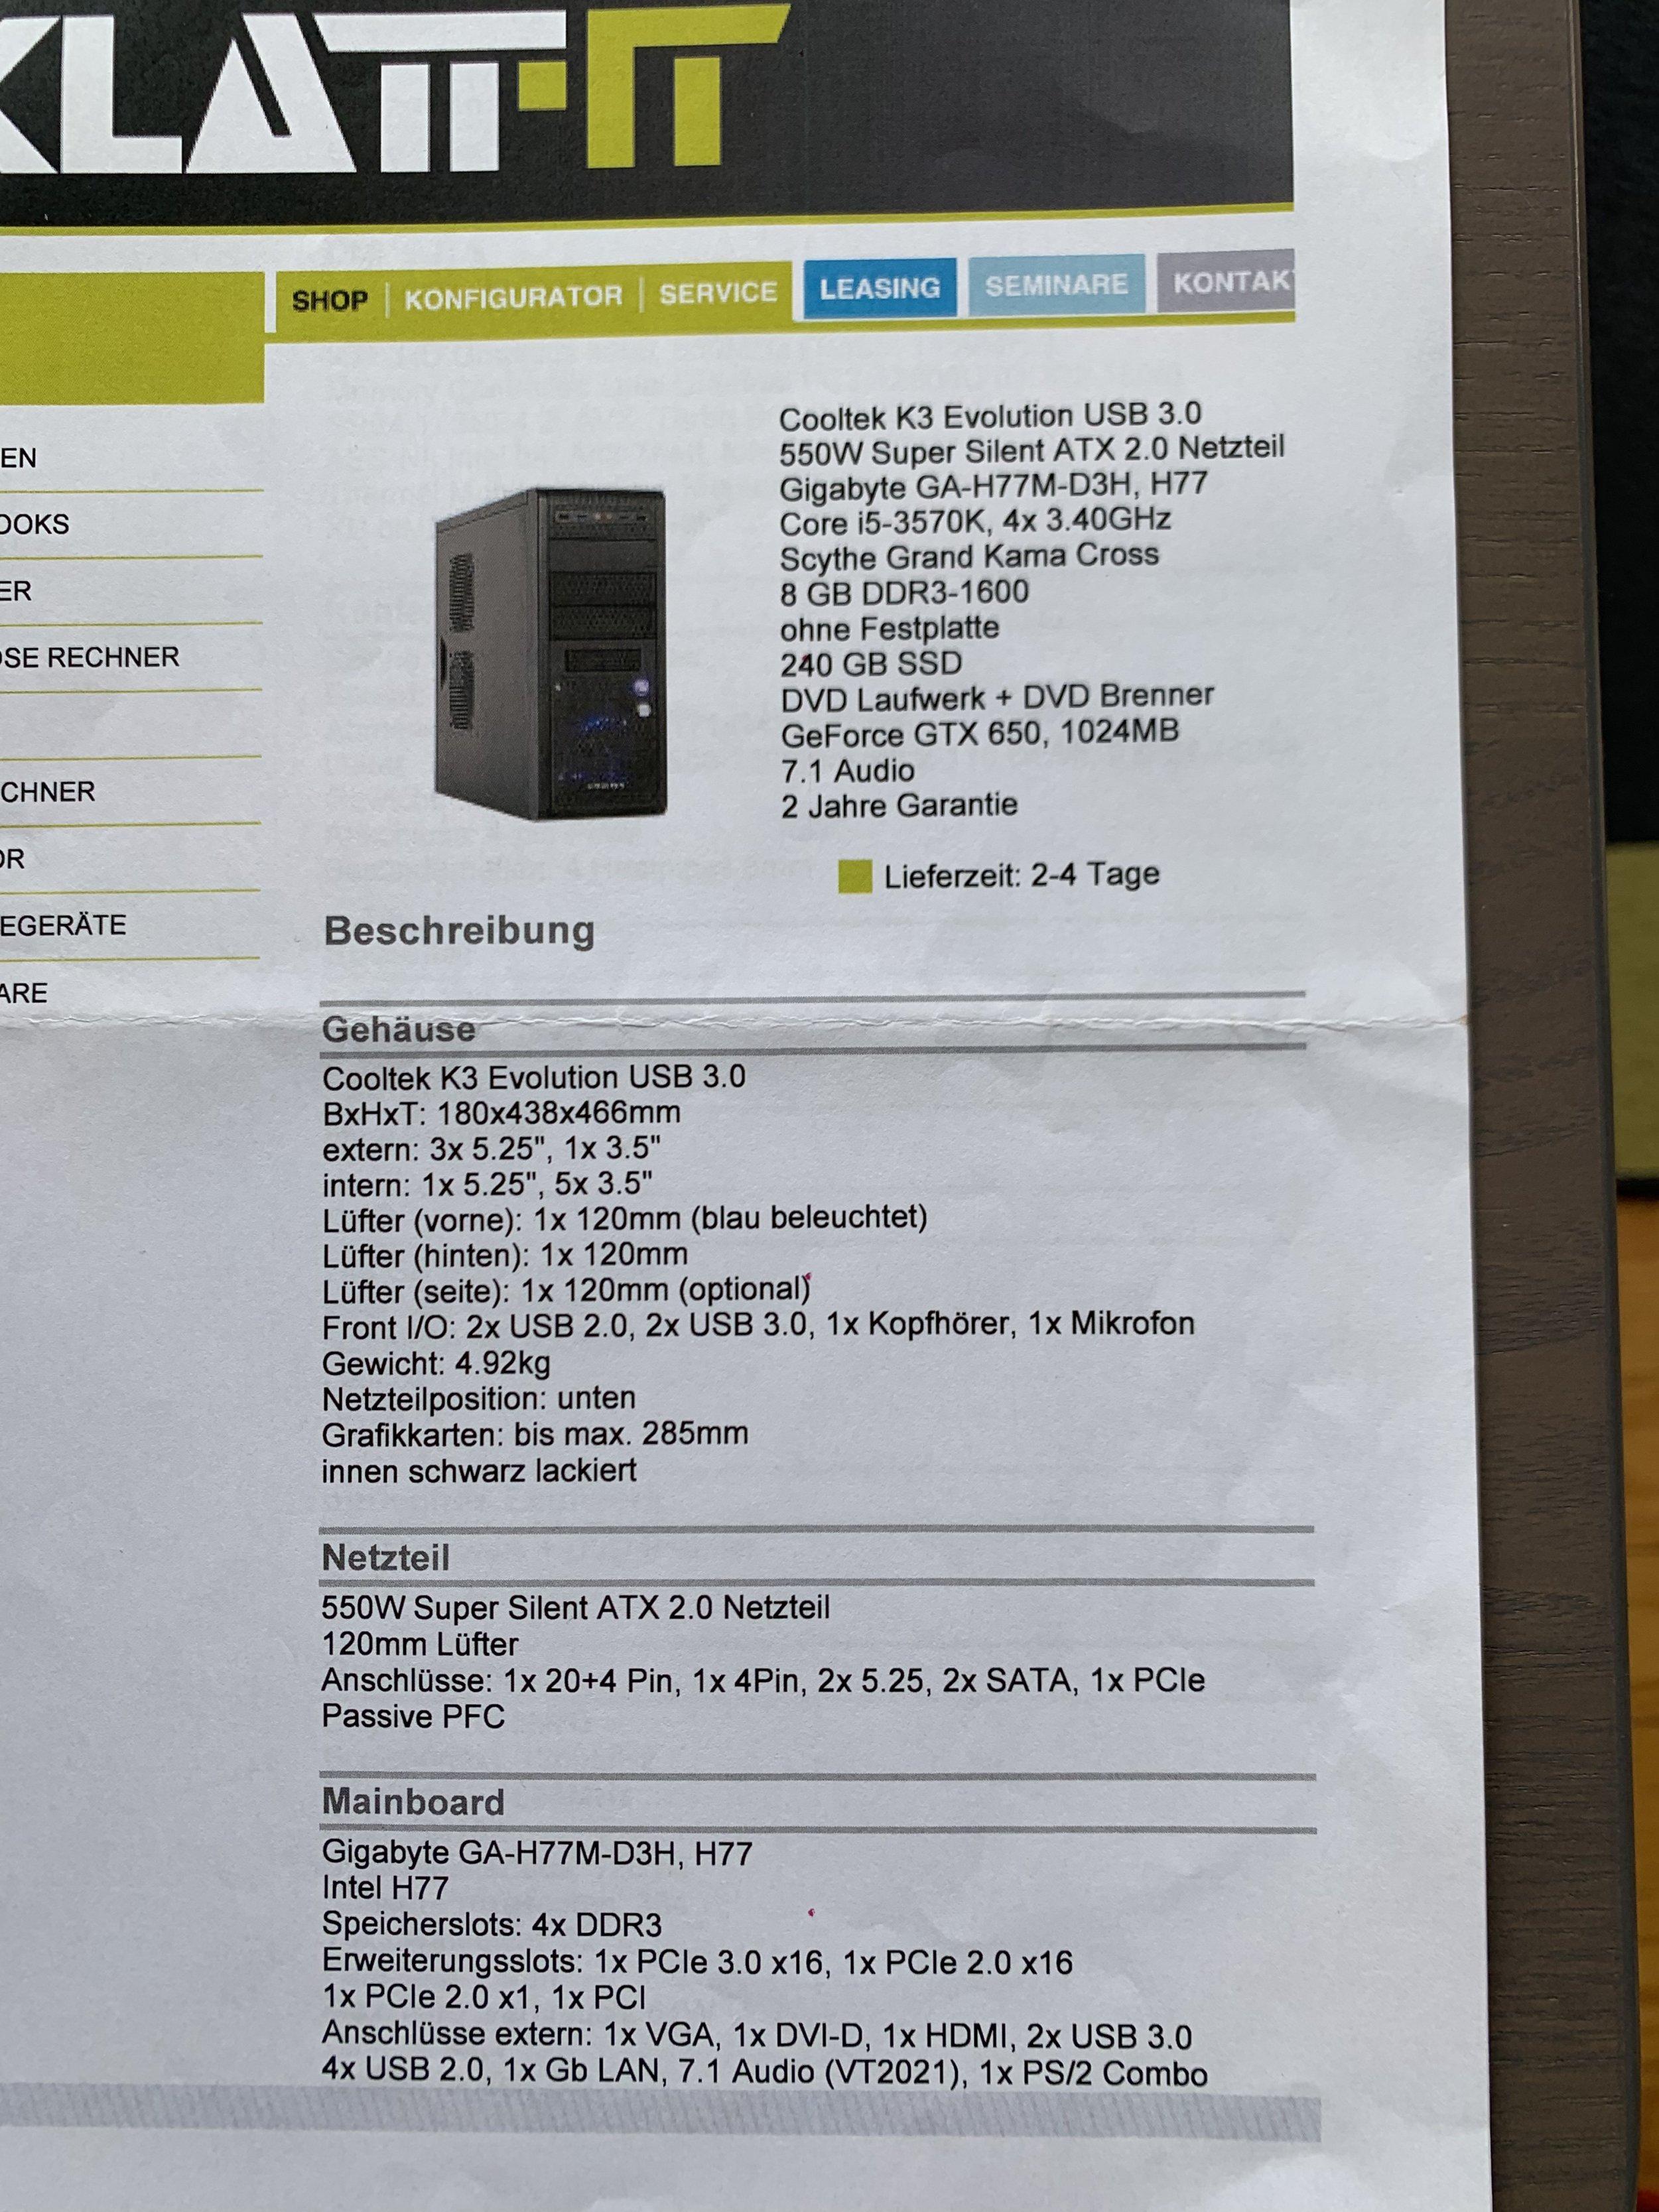 018DCD05-D10C-4445-9357-7DFF95C6892A.jpg